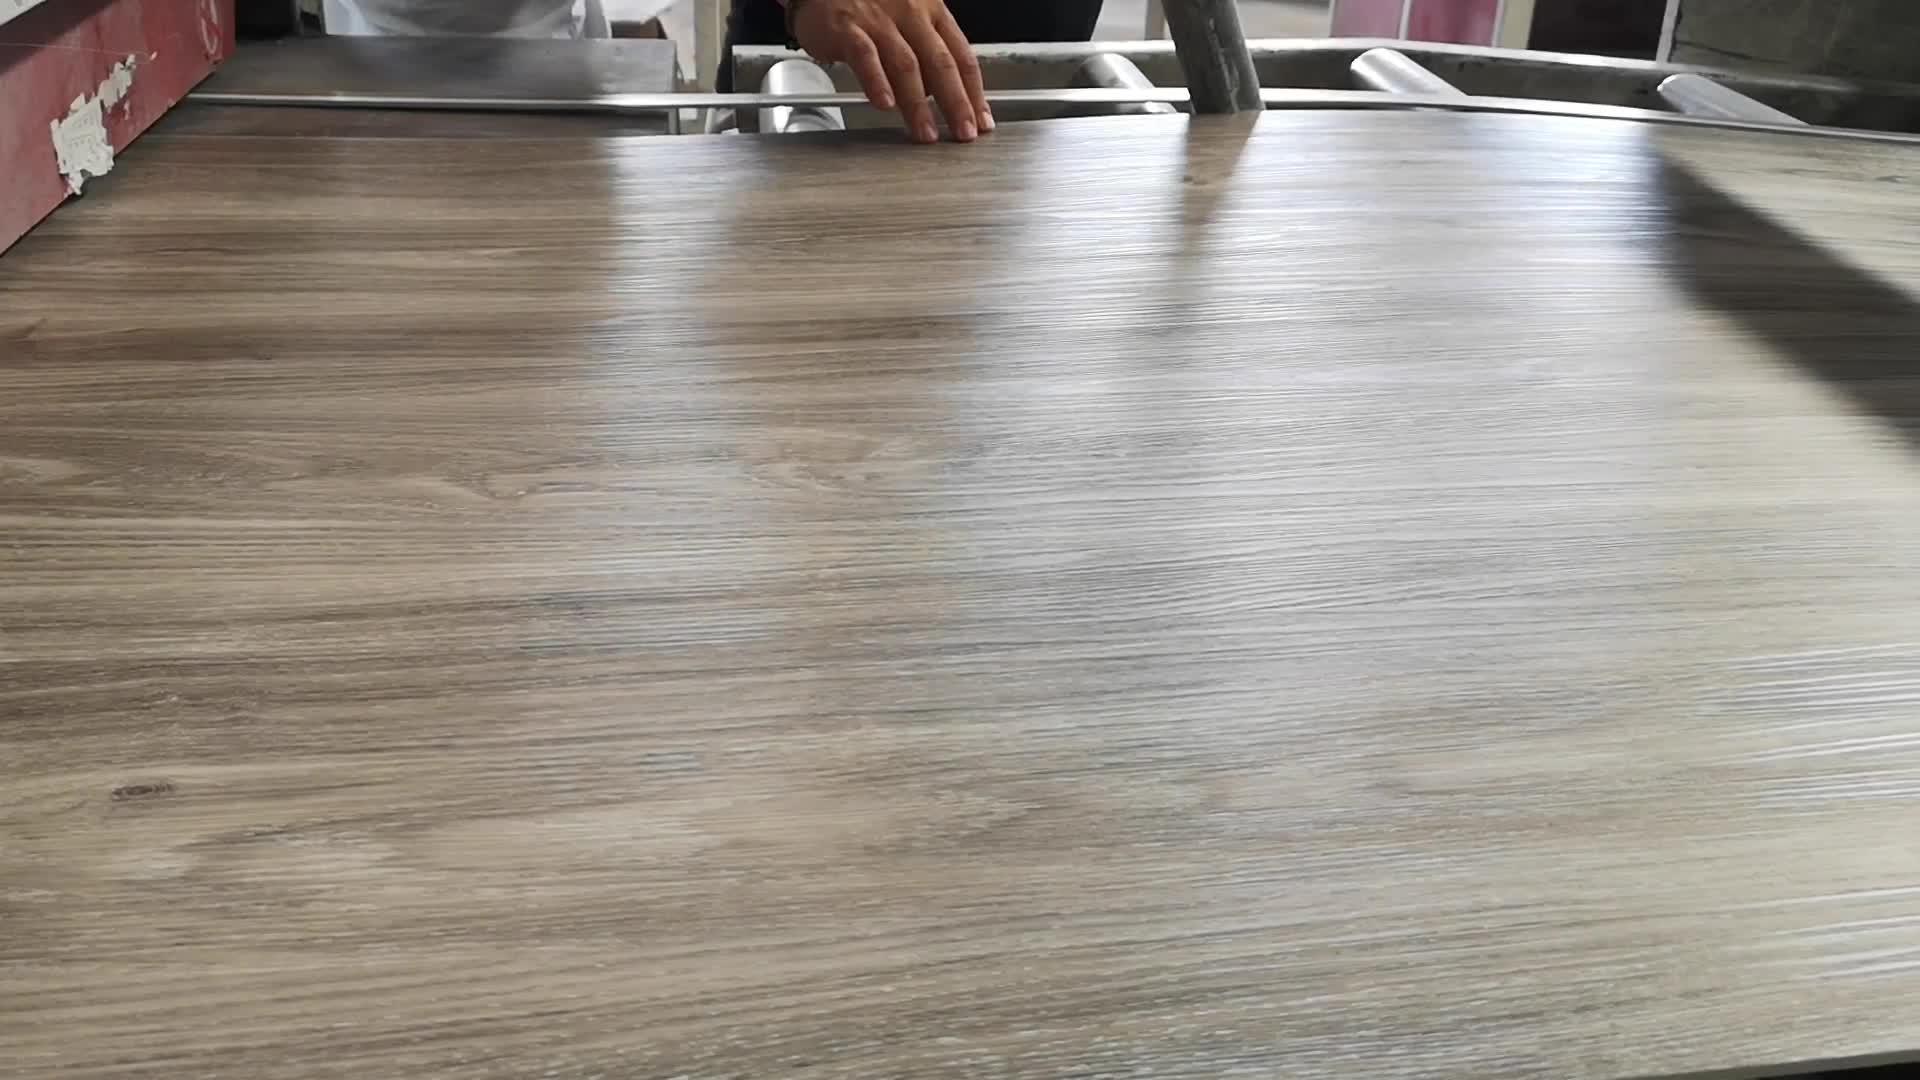 Protex Chất Lượng Cao Thân Thiện Với Môi Không Thấm Nước SPC Vinyl Bấm Vào Sàn PVC